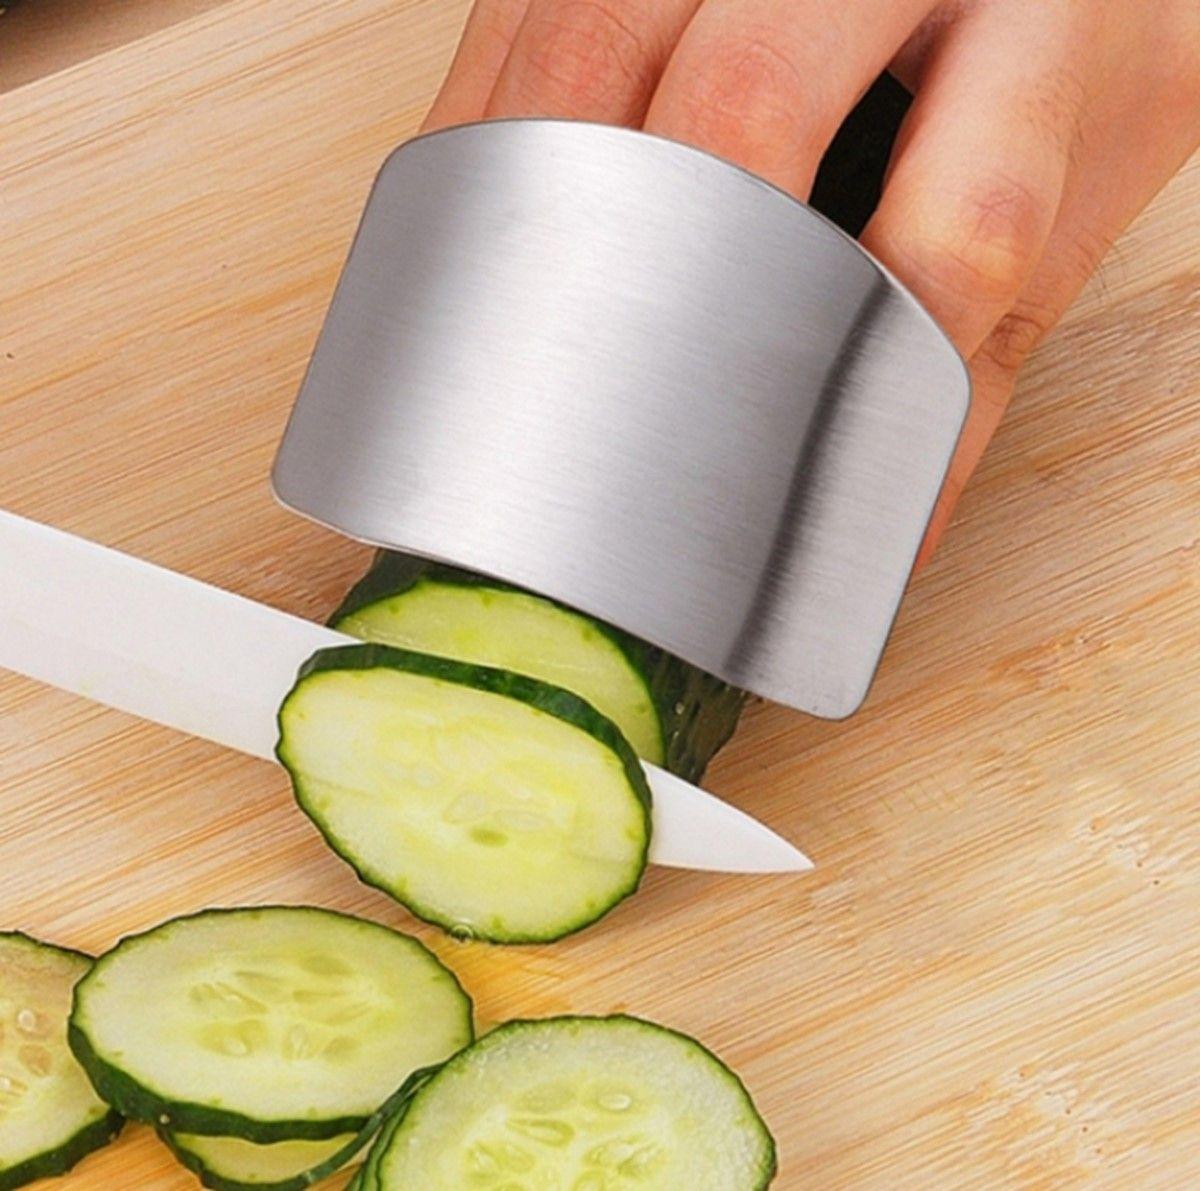 Защита для пальцев от порезов Ruges Оберег, цвет: серый металликK-25Защита для пальцев от порезов Оберег - металлическая пластина, которая защитит ваши пальцы от соприкосновения с лезвием ножа.Защита Оберег надевается на пальцы руки, которой вы придерживаете продукты во время нарезки.Небольшой кухонный аксессуар, который сохранит вас от травм и расстройств! А во время приготовления еды очень важно быть в хорошем настроении!Размер пластины: 7,5 х 5,5 см.Вес: 25 г.Материал: металл.Инструкция на русском языке.